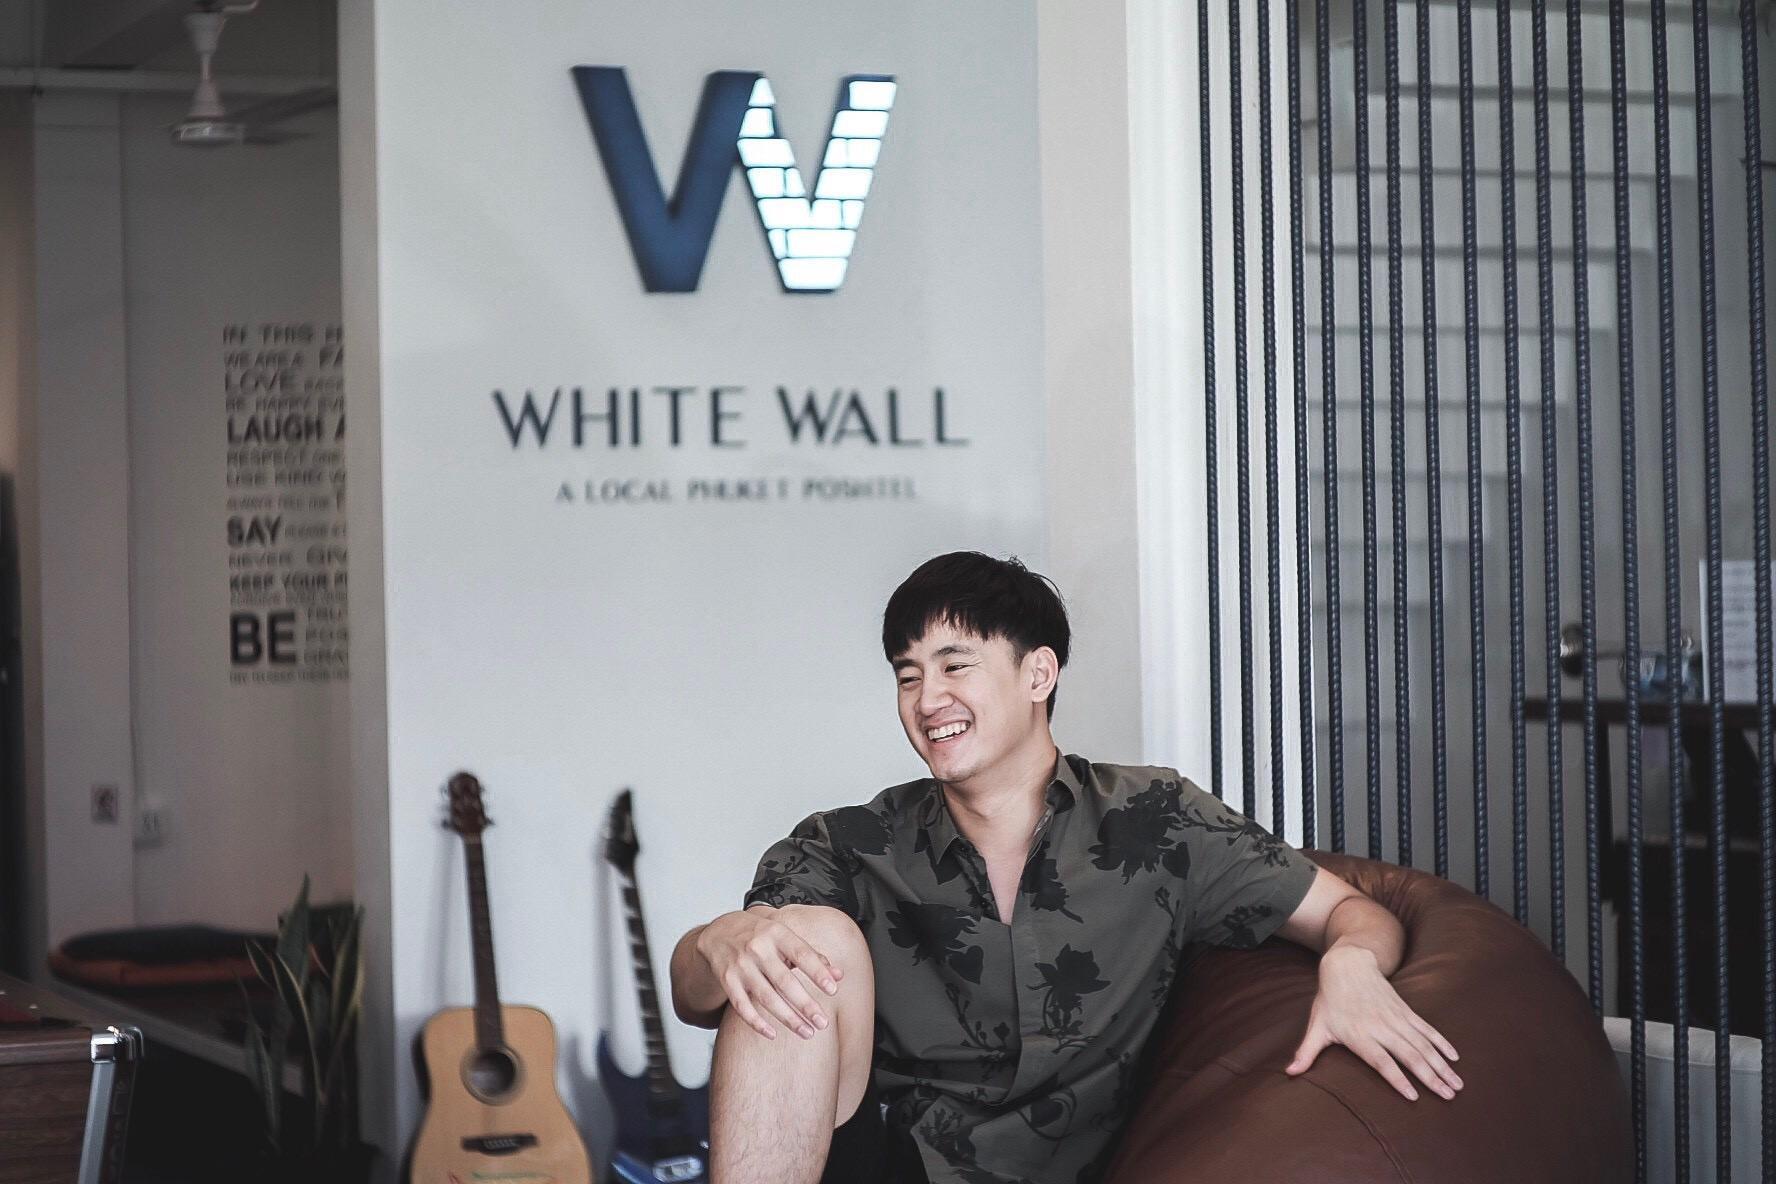 White Wall Poshtel Phuket